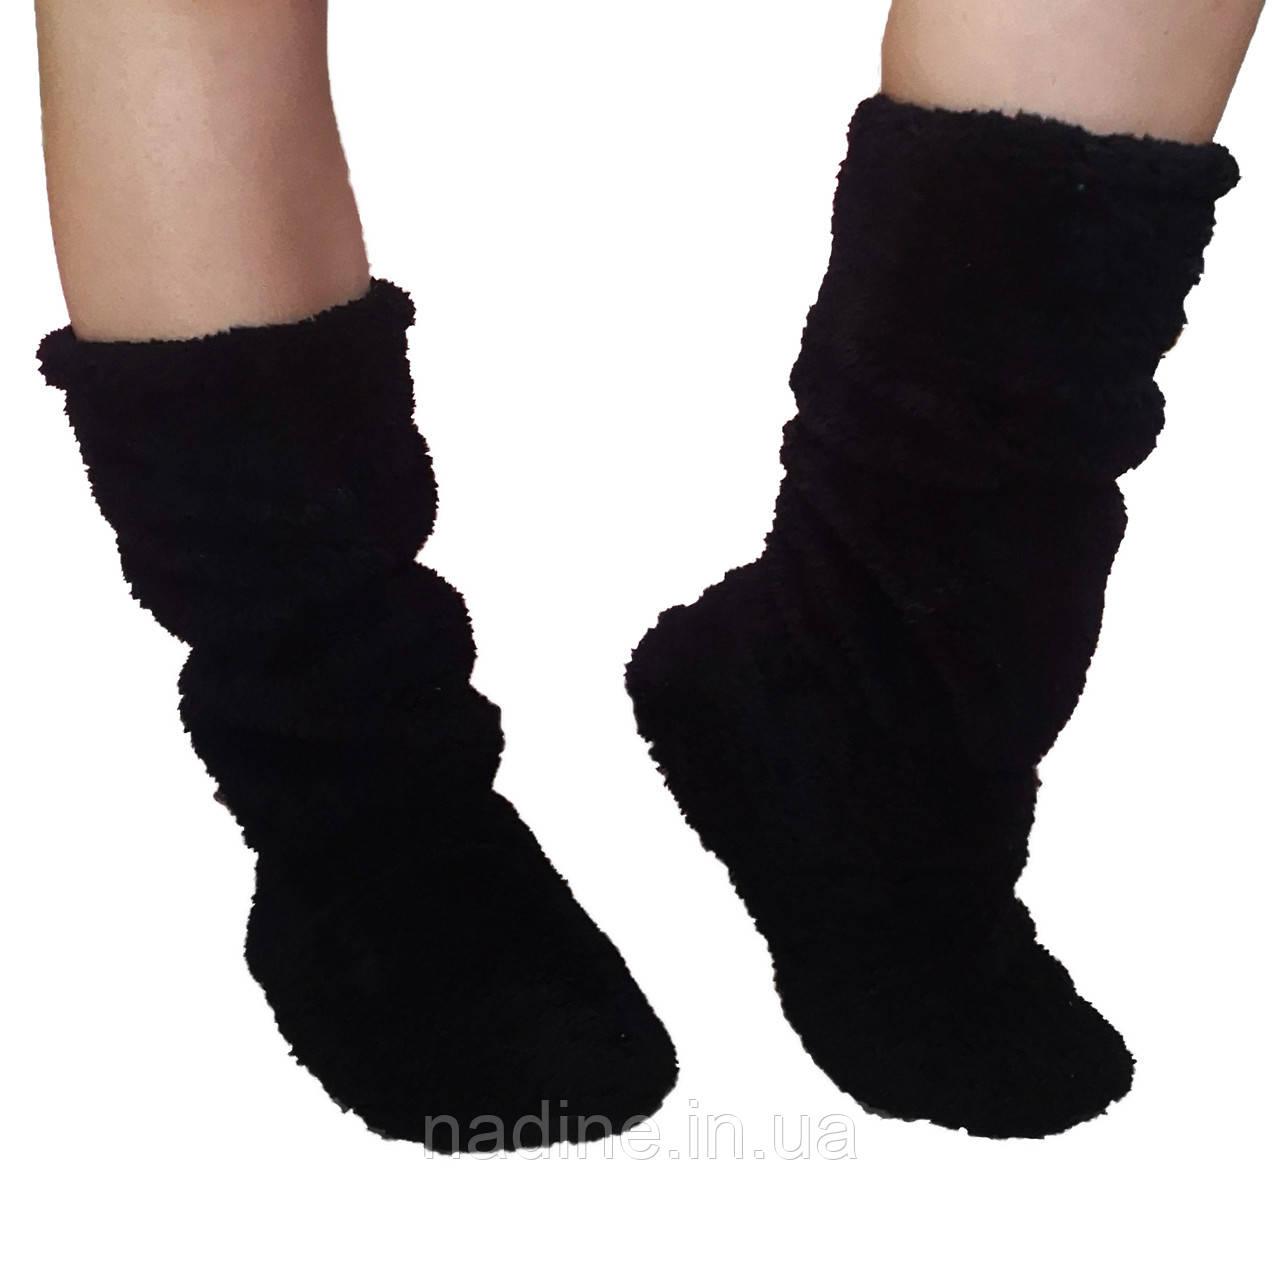 Домашні чобітки Eirena Nadine (black S-574-36) чорні 24 см